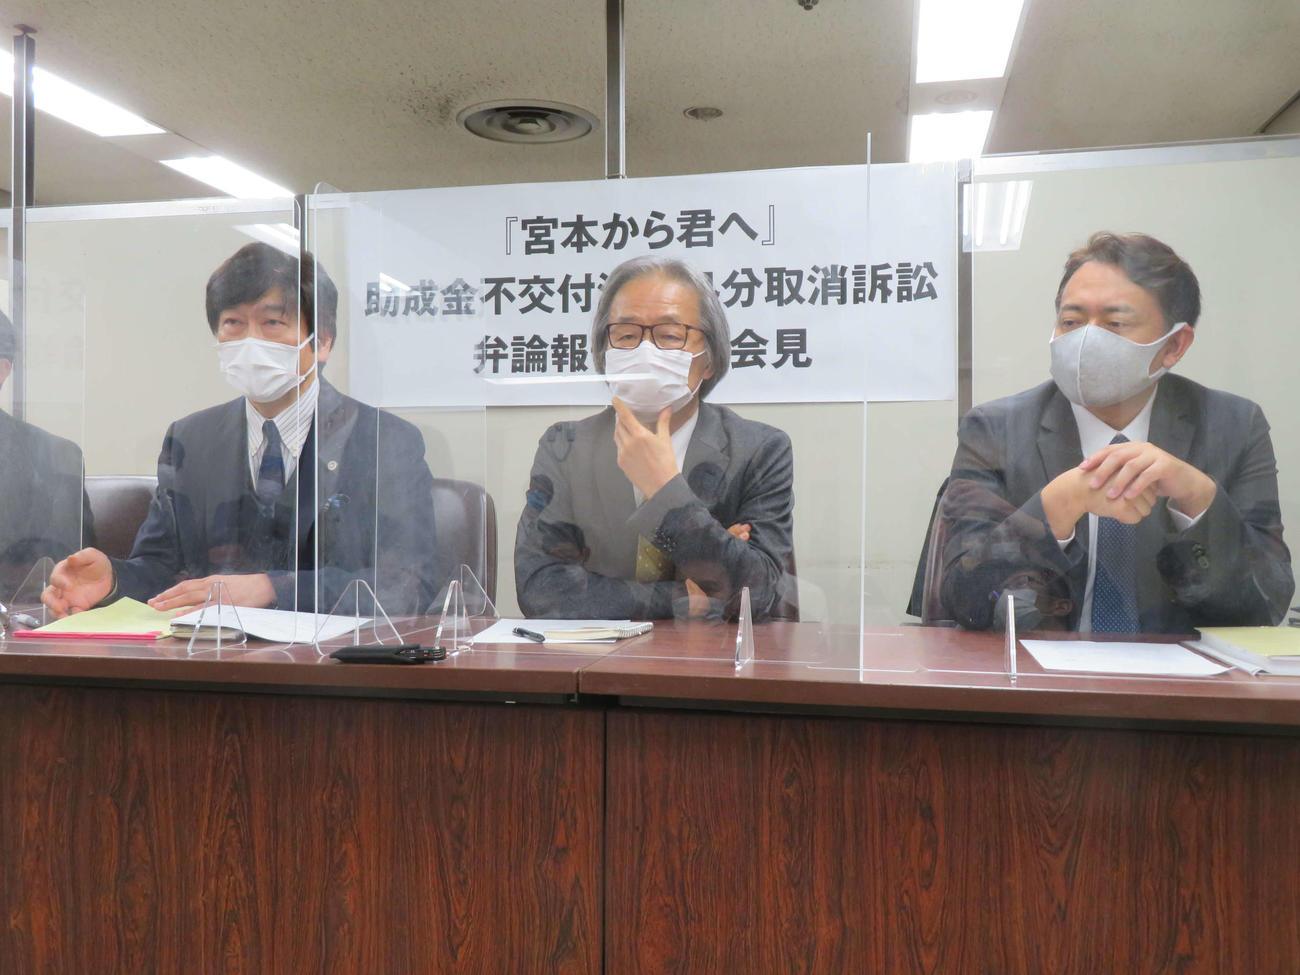 会見を開いた、左から伊藤真弁護士、河村光庸氏、四宮隆史弁護士(撮影・村上幸将)